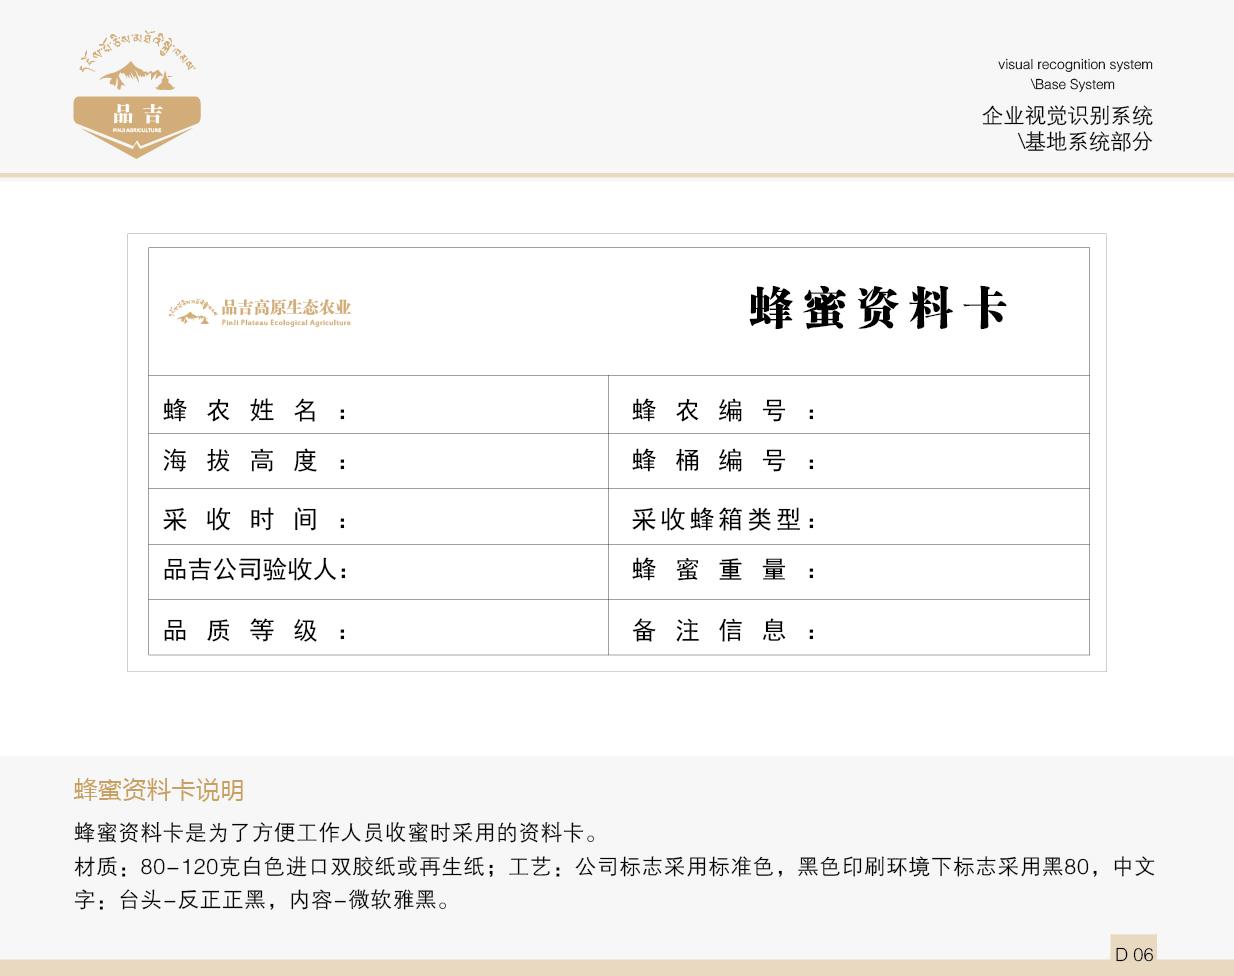 品吉农业VI 基地系统部分  客户资料  第7张